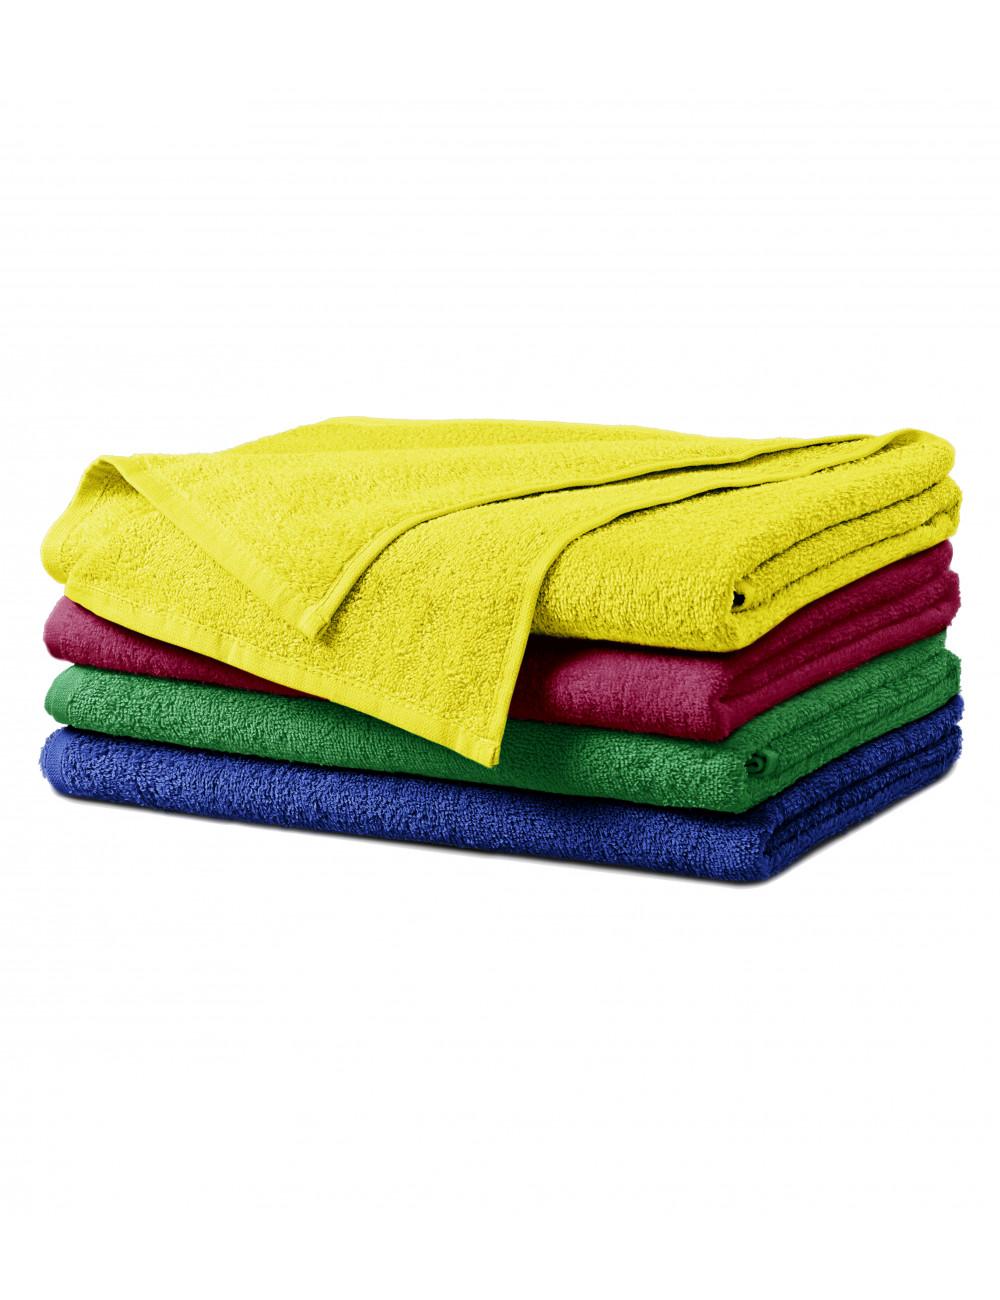 Adler MALFINI Ręcznik duży unisex Terry Bath Towel 909 chabrowy